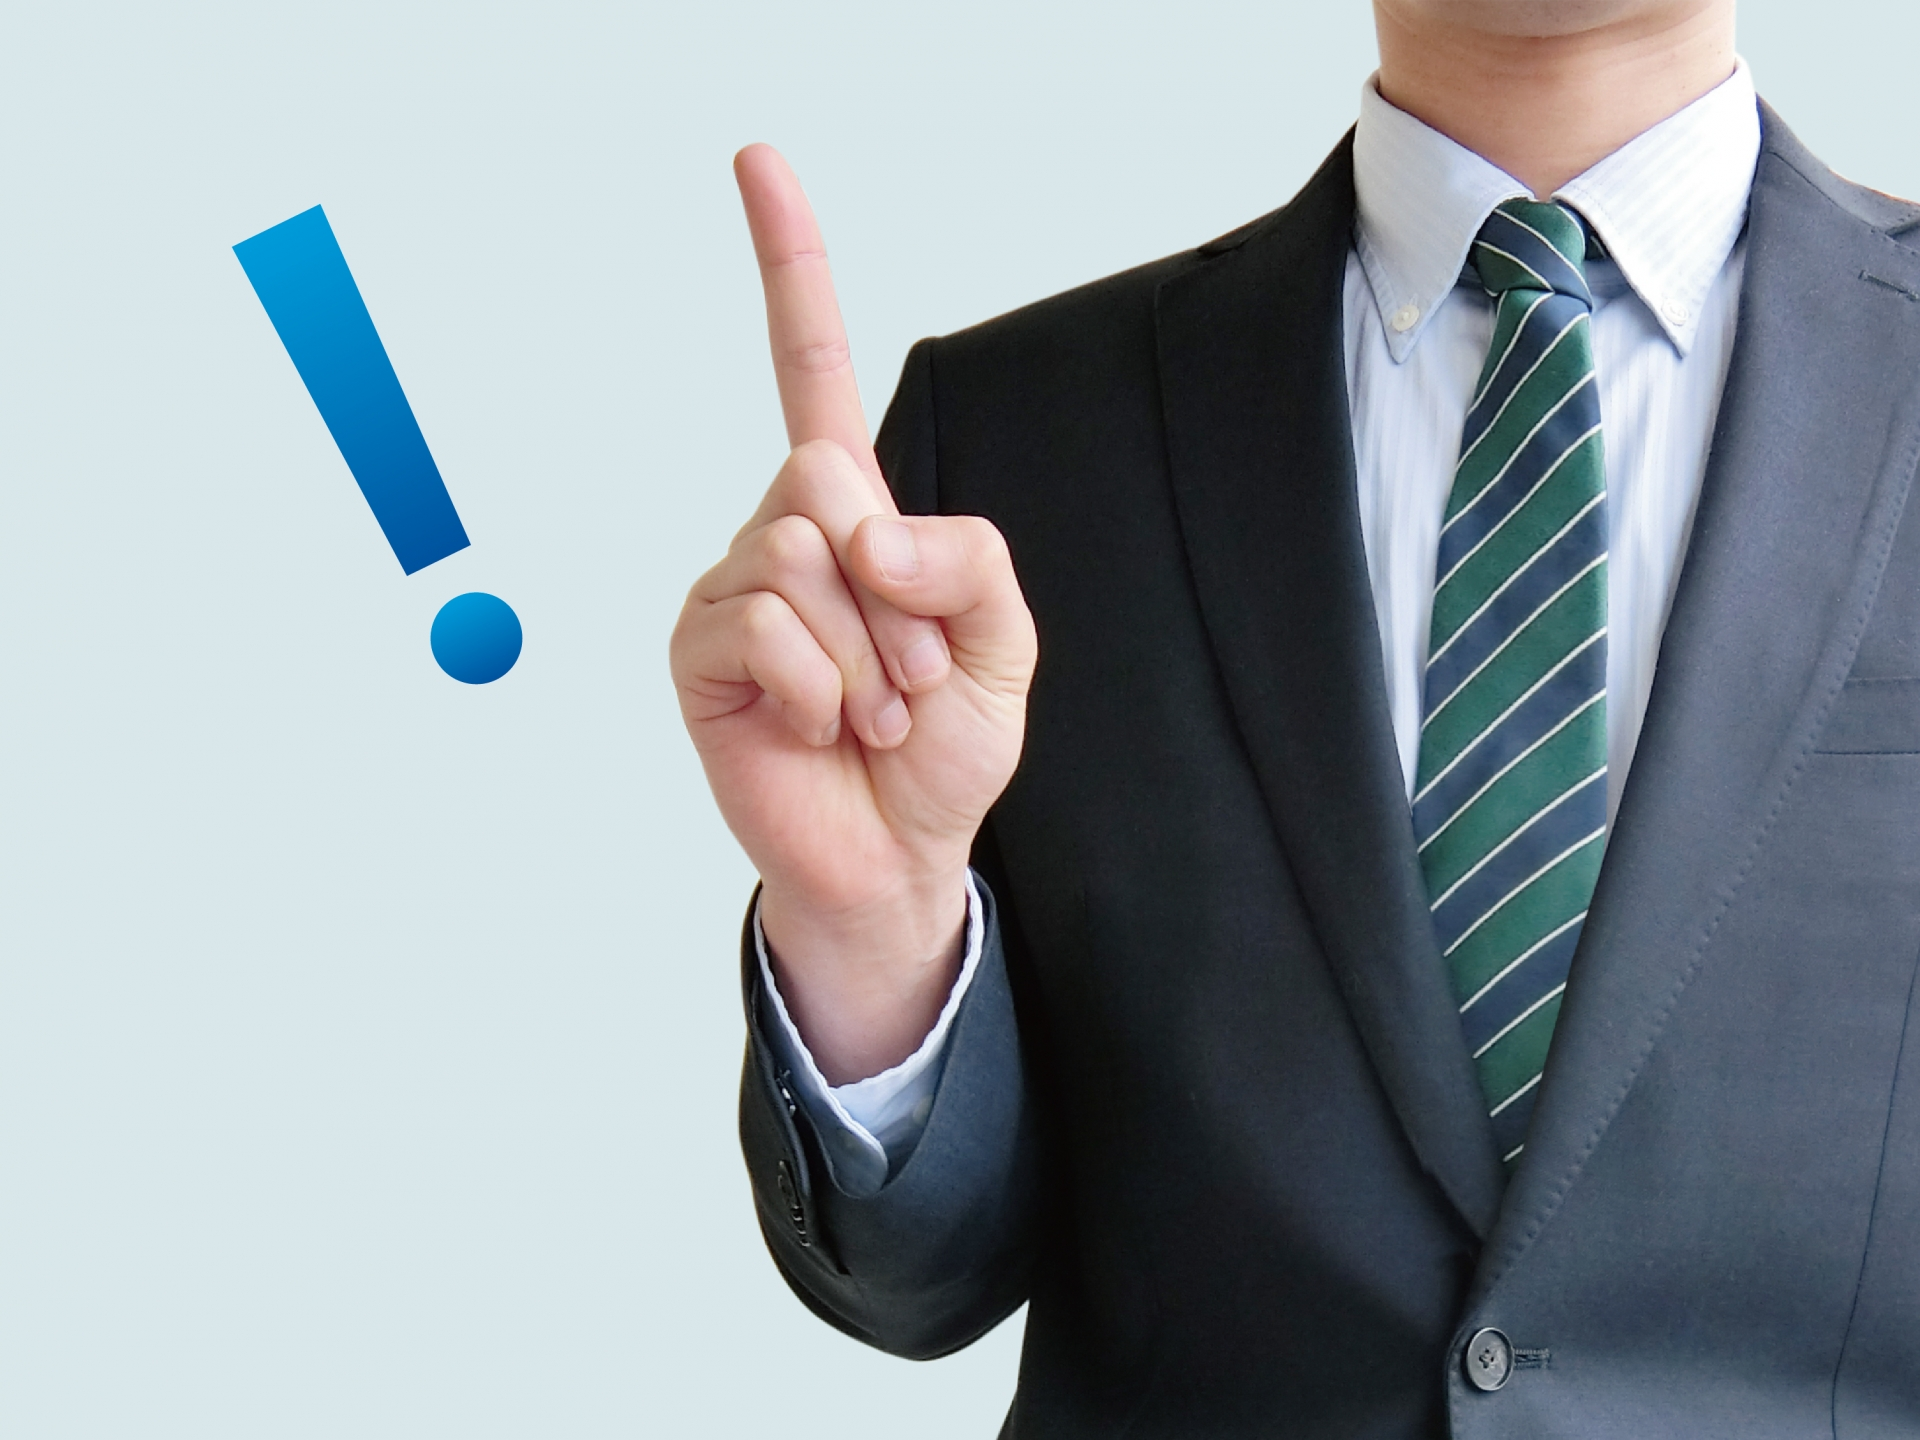 合同会社の役員について。事前に種類・権限・注意点を知っておこう